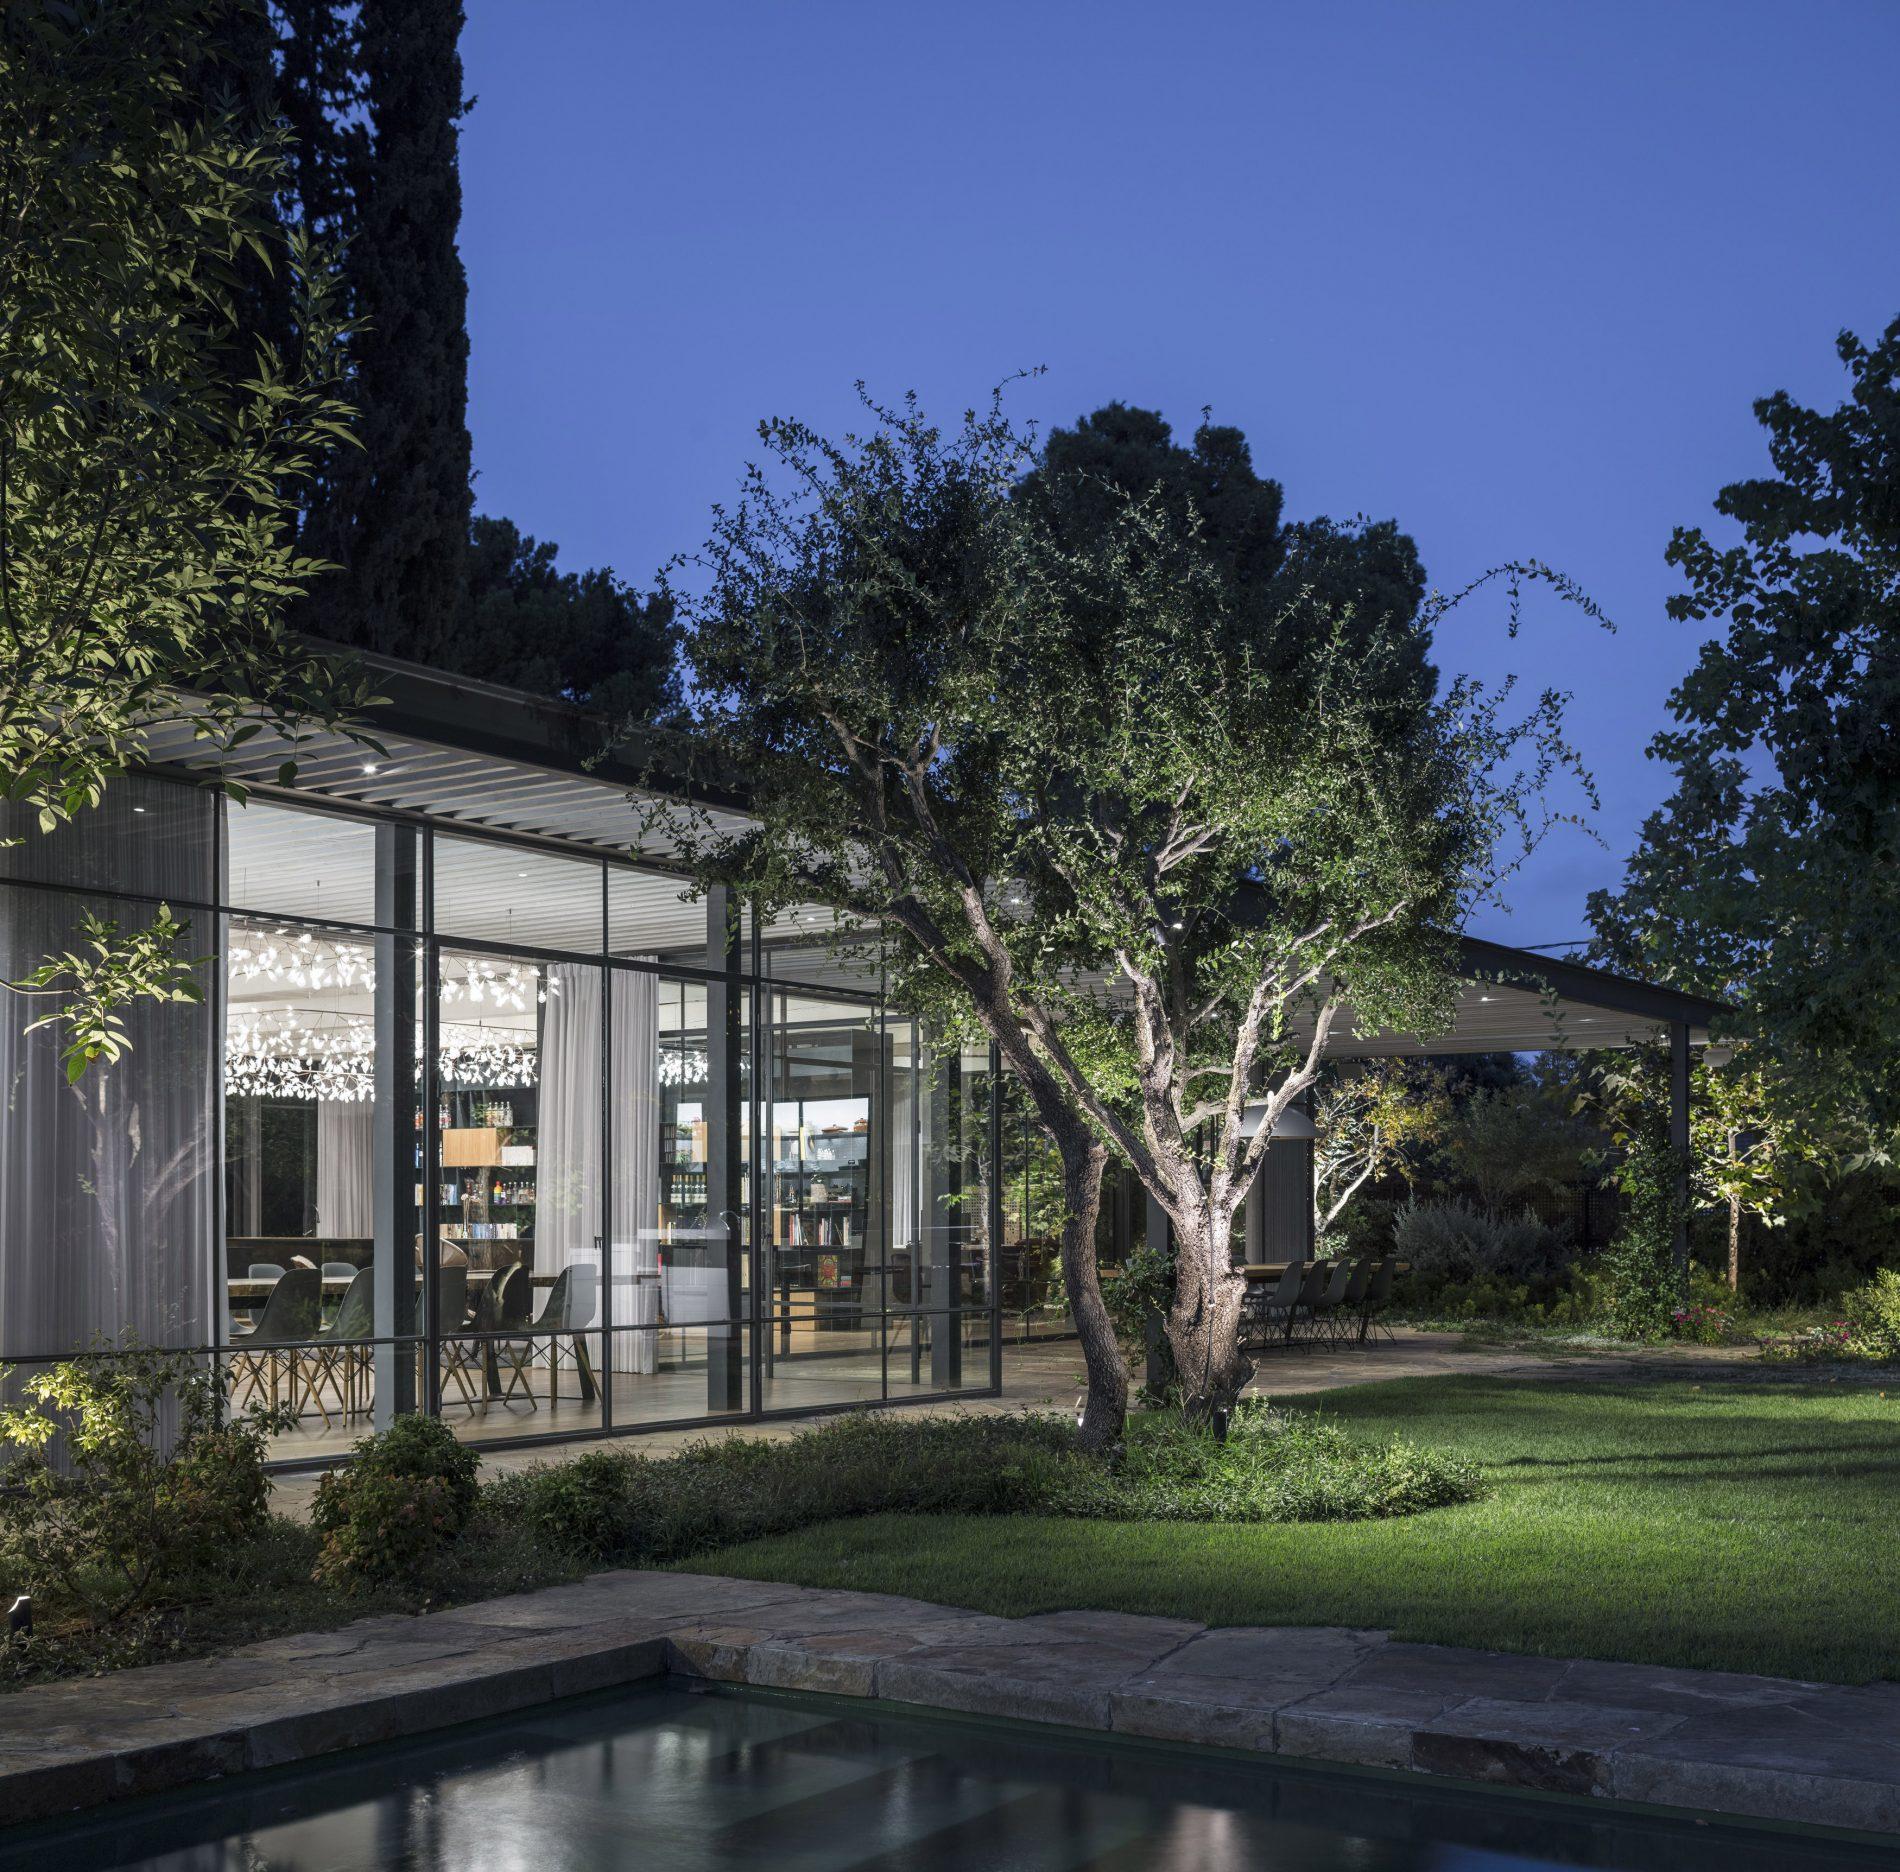 הקסם של הפרופיל הבלגי מתעצם בלילה - בית הזכוכית